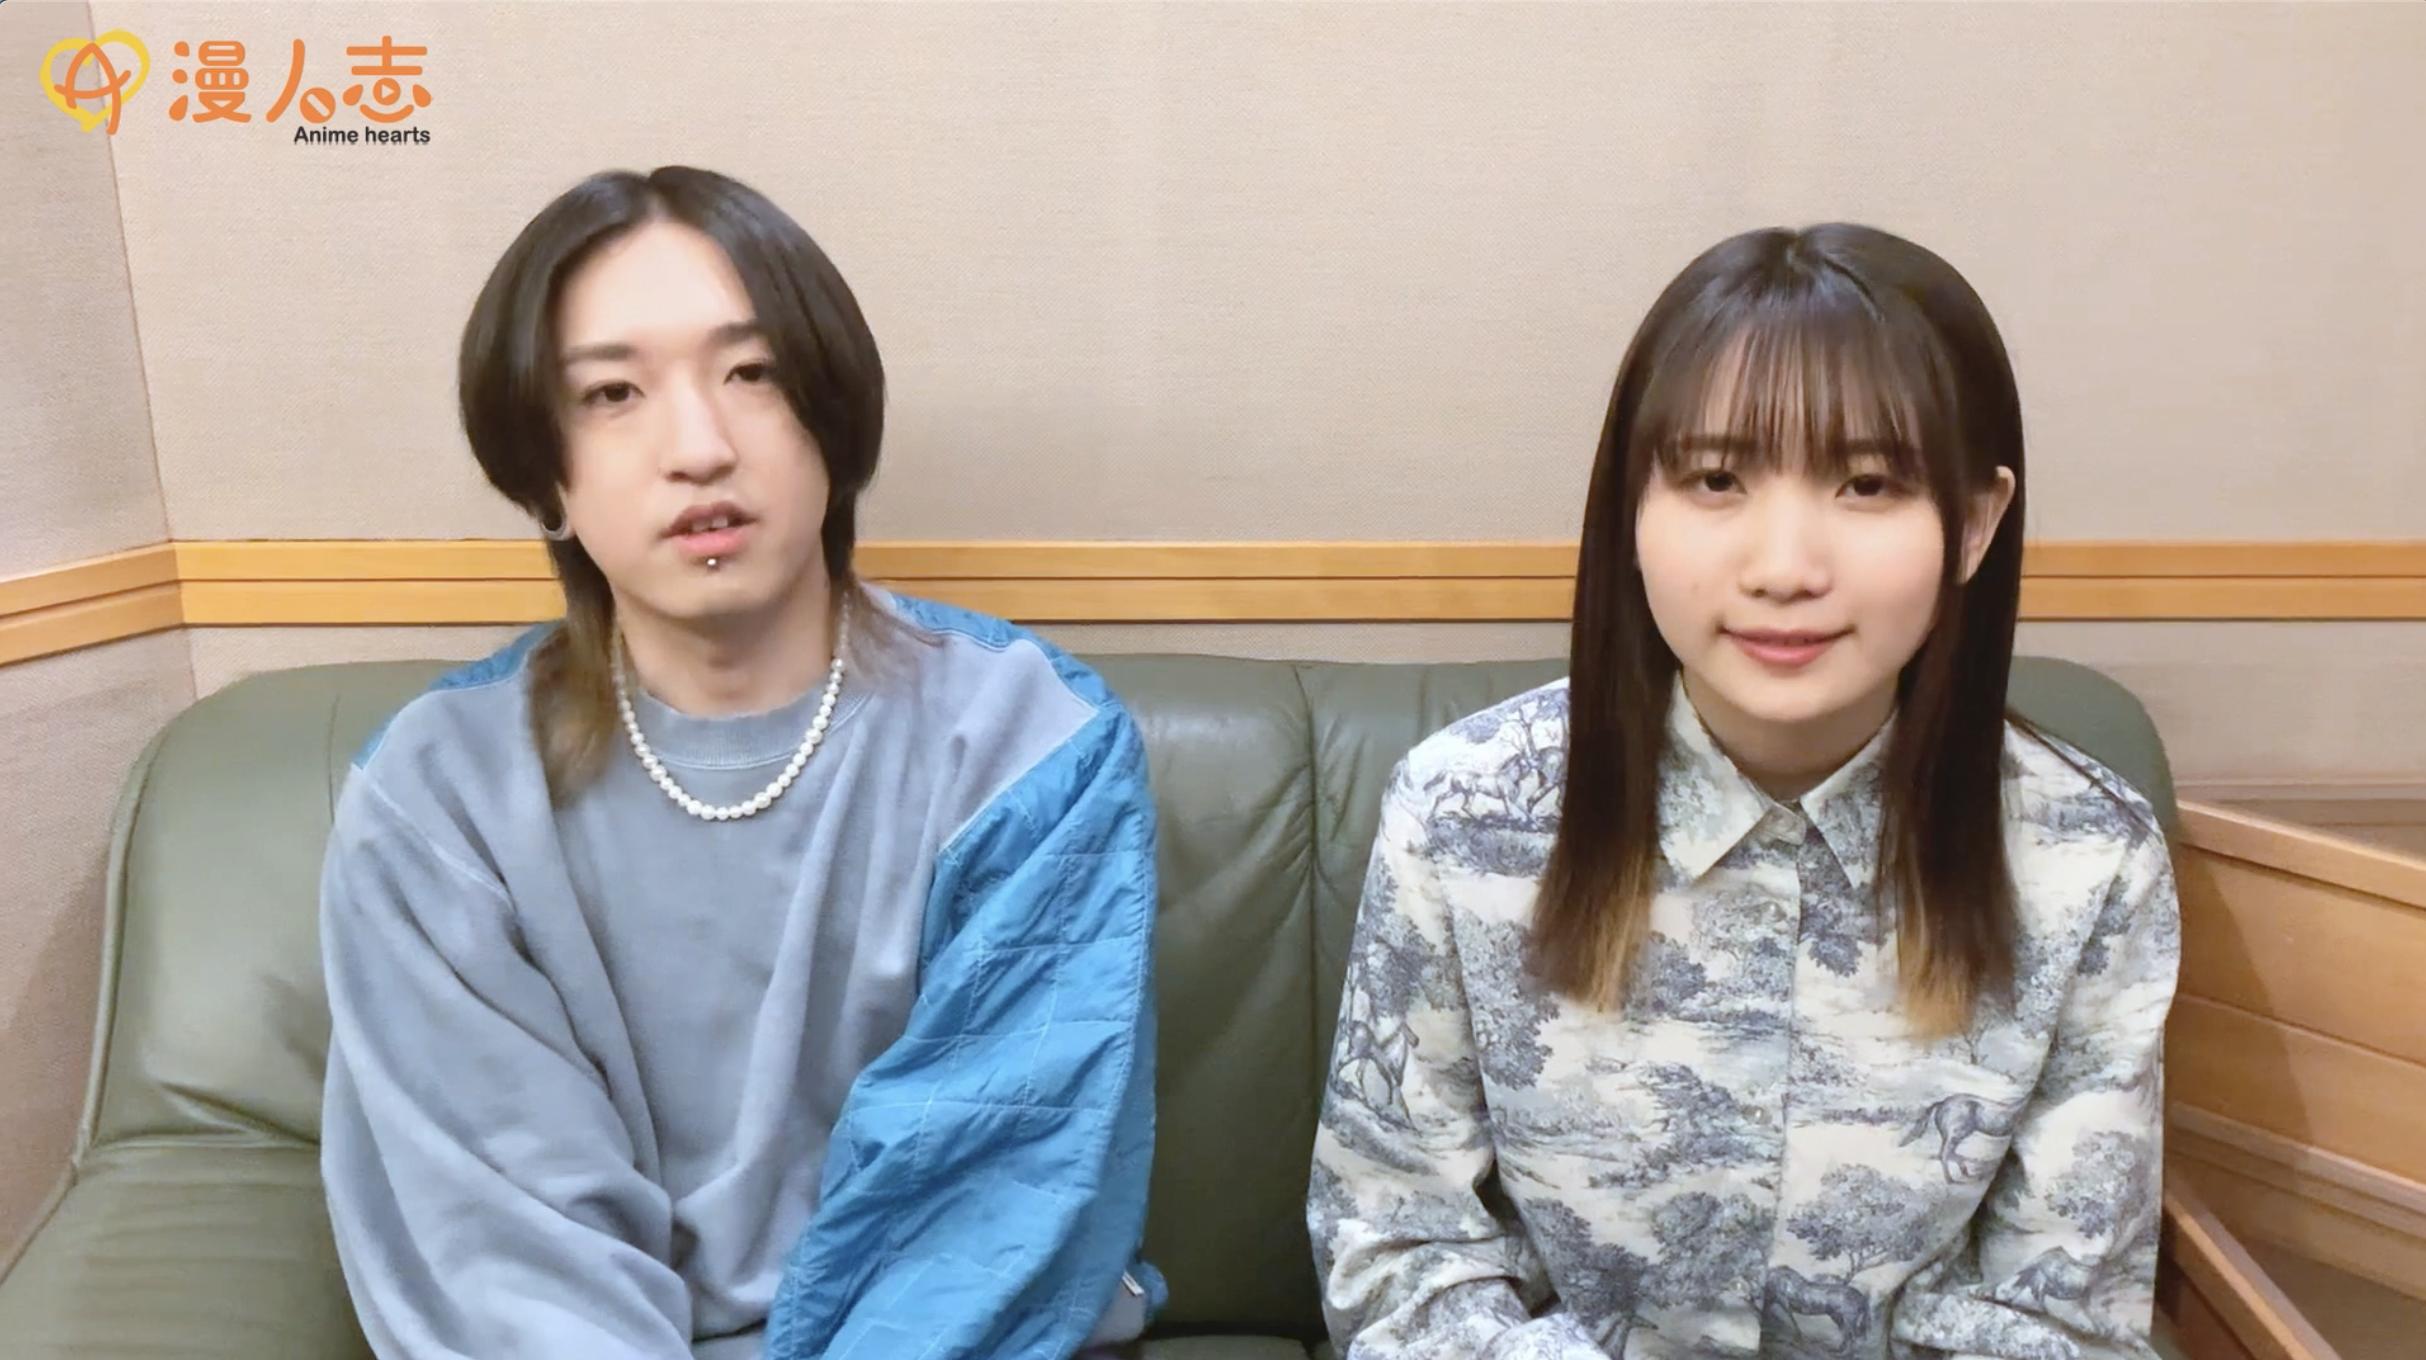 新年好!这次为大家带来的是YOASOBI的专访视频!